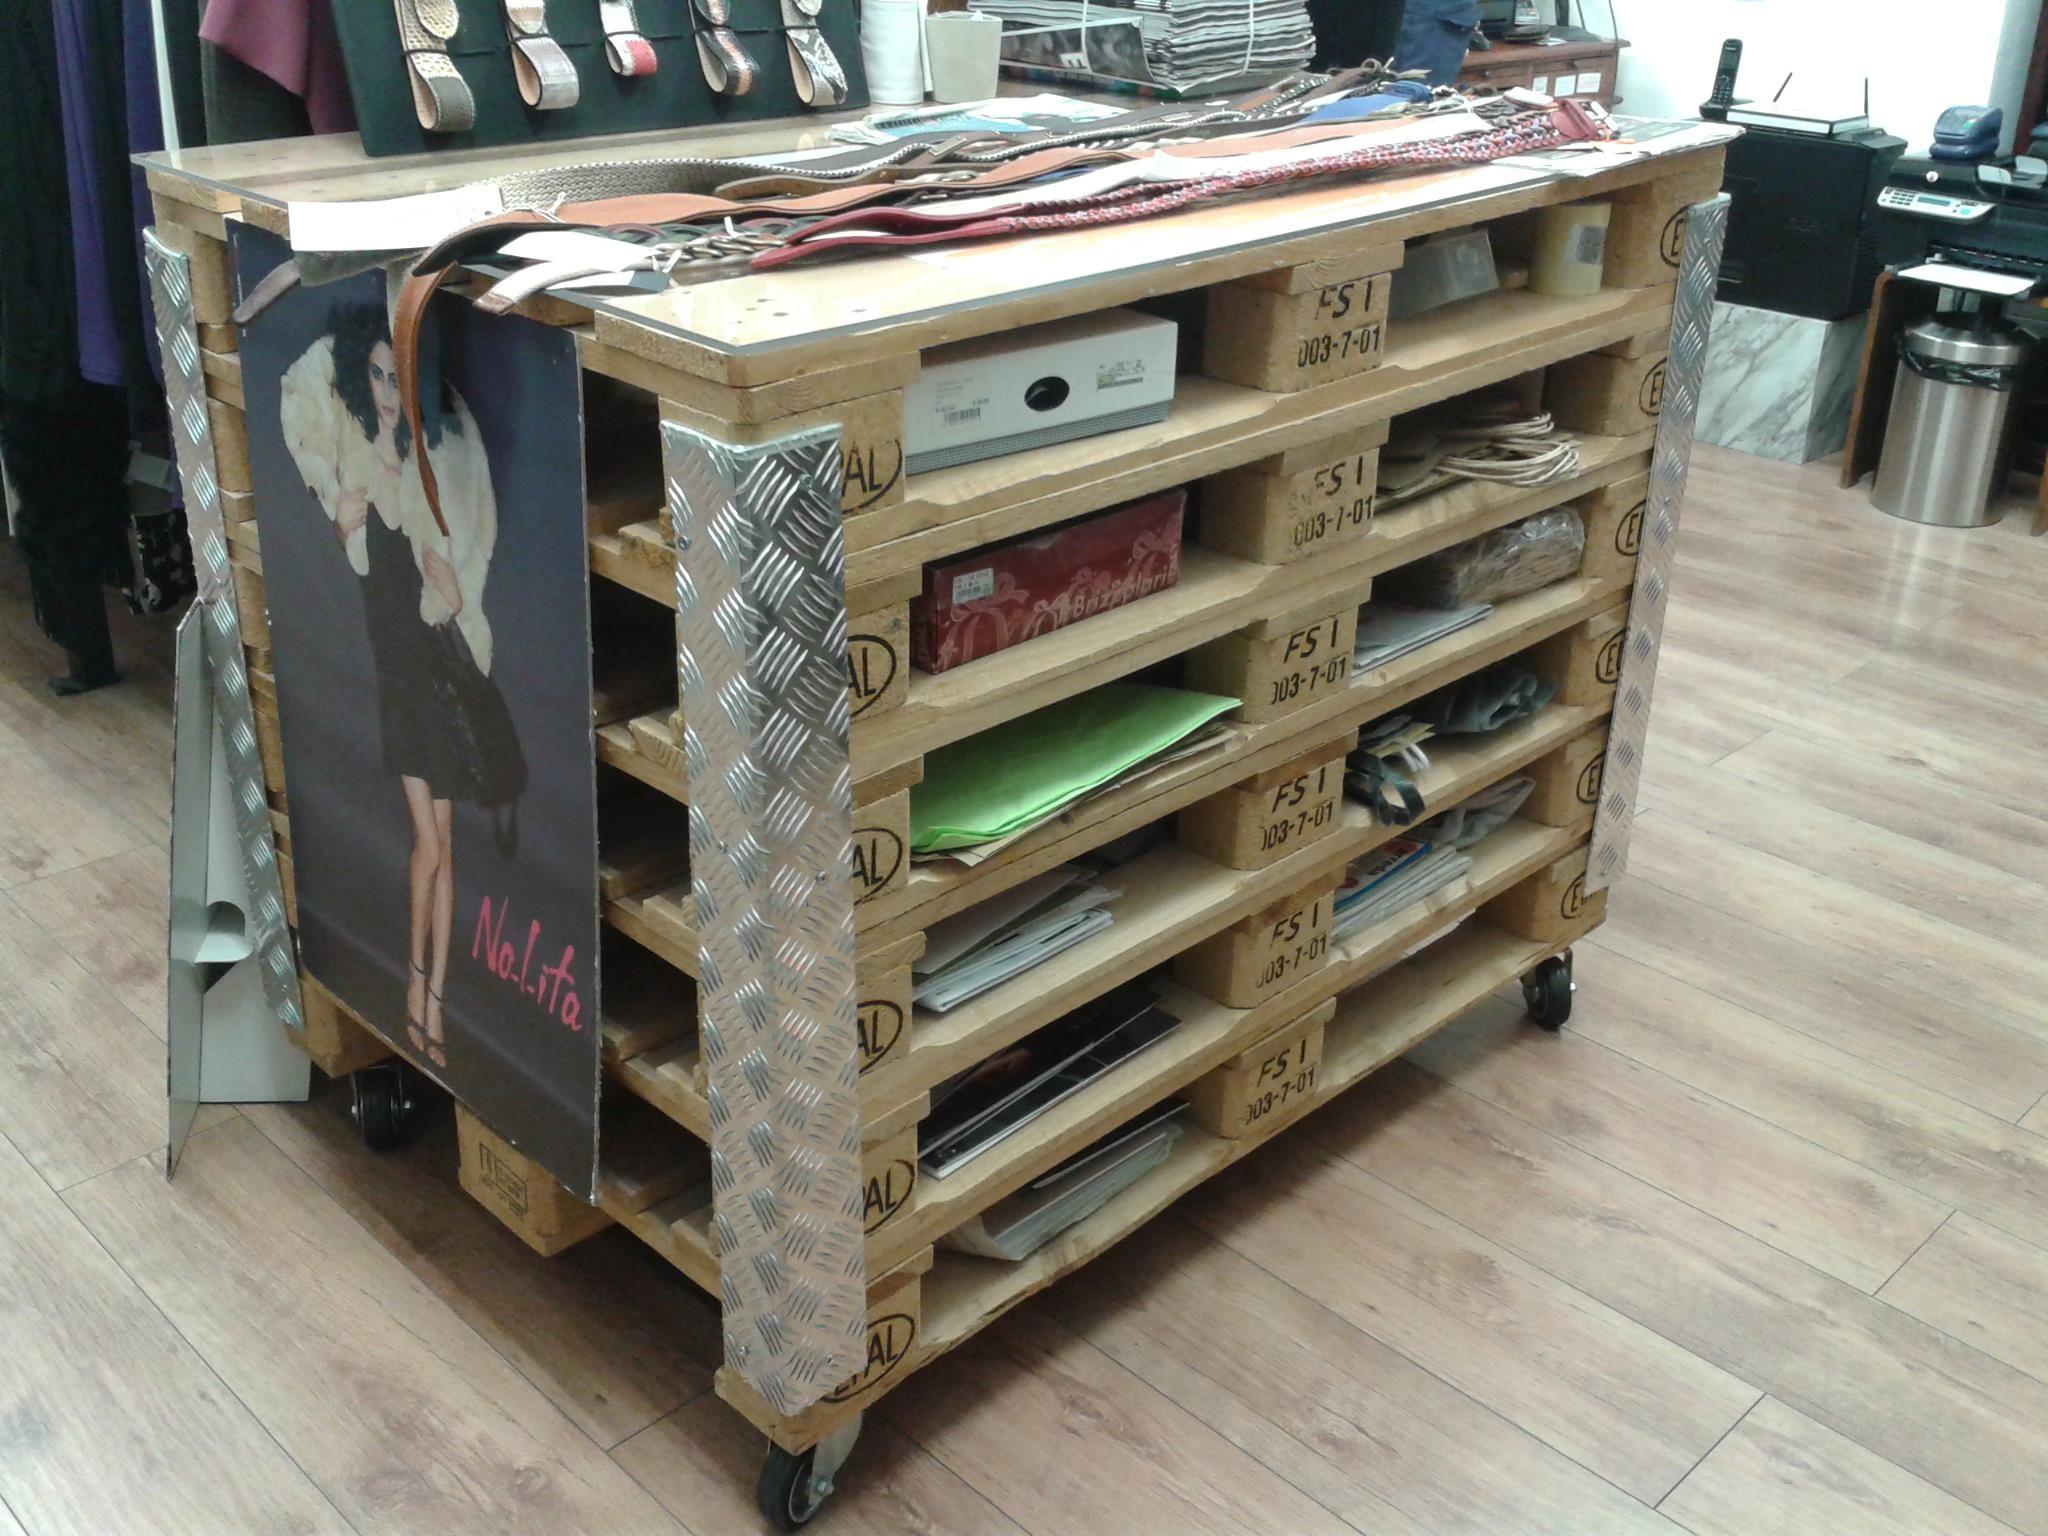 rangement palettes rangements pinterest palette rangement et atelier. Black Bedroom Furniture Sets. Home Design Ideas